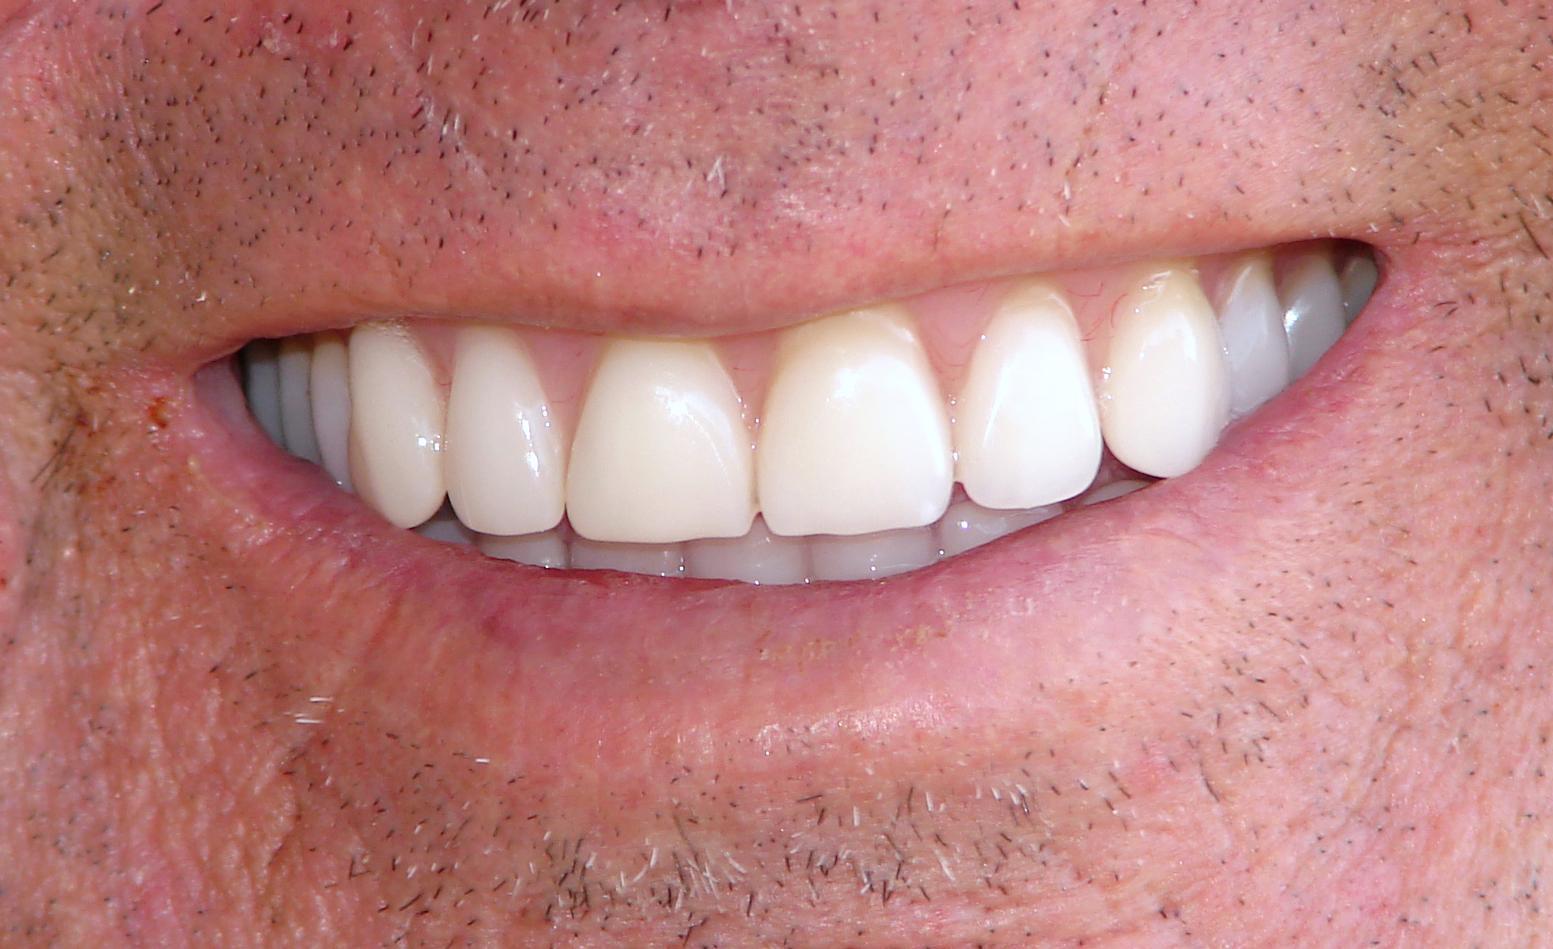 Foto 5 de Dentistas en Córdoba | Clínica Dental Dr. Marzo Martínez